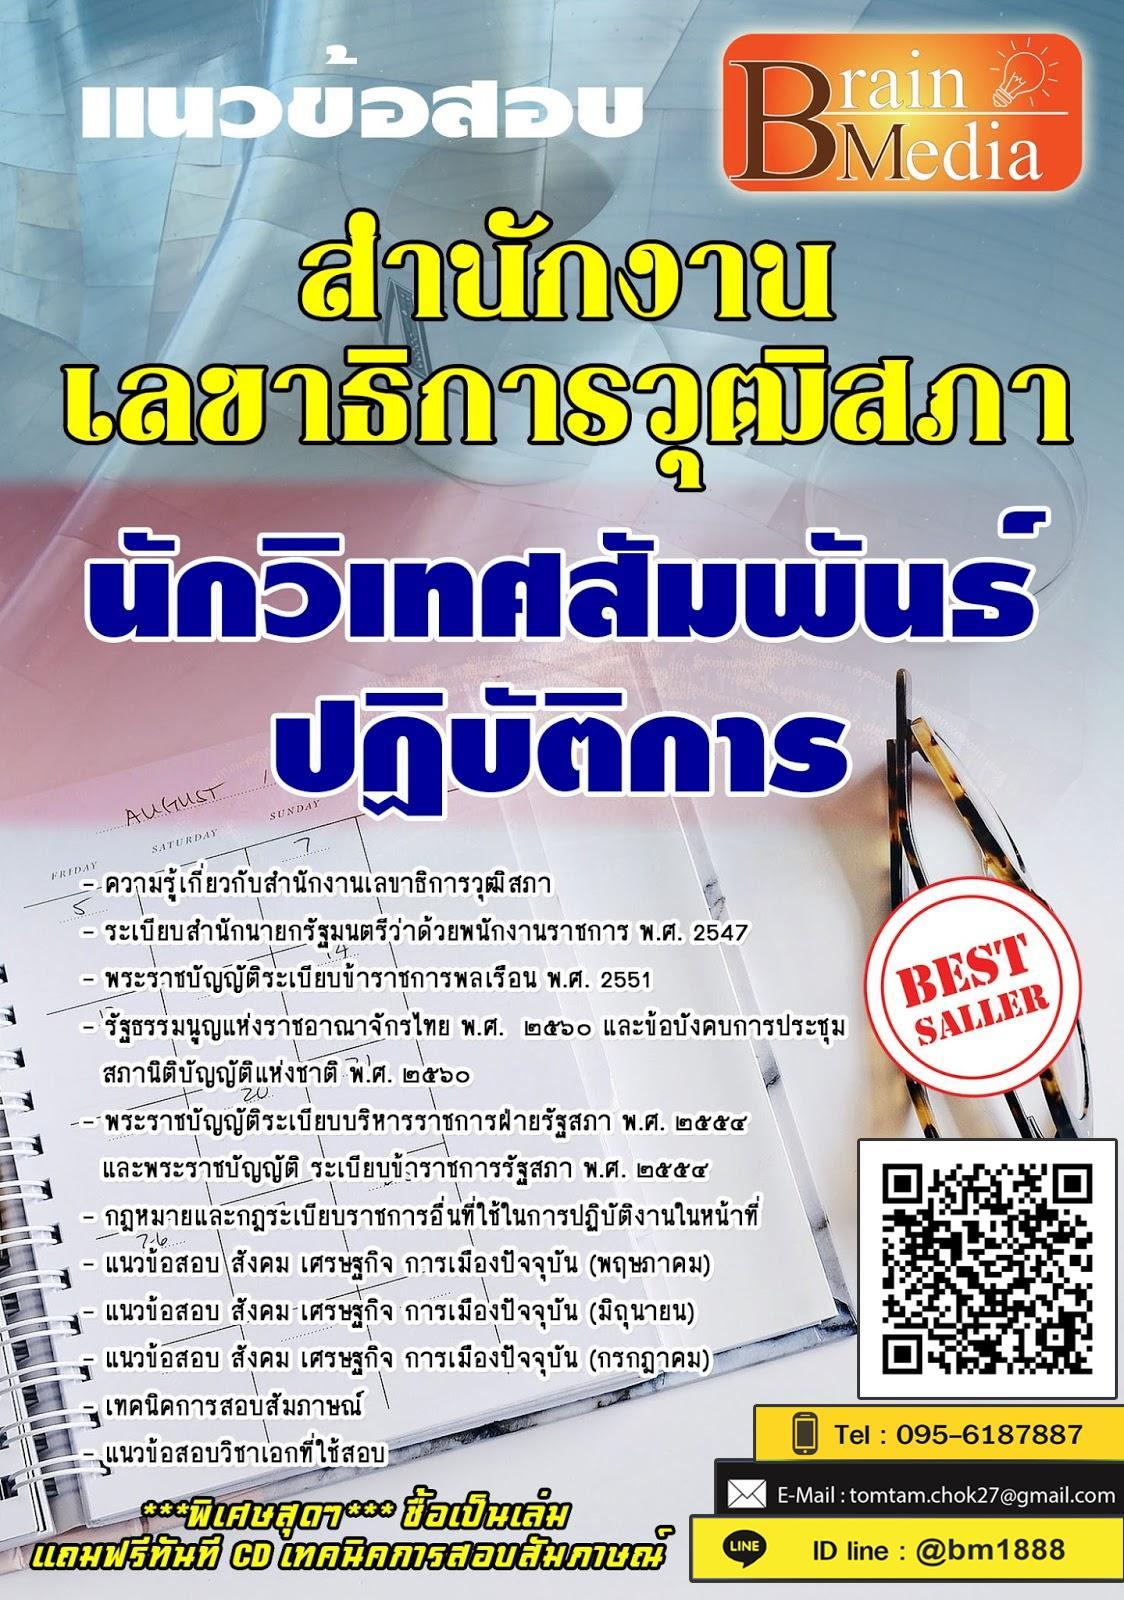 แนวข้อสอบพร้อมเฉลย นักวิเทศสัมพันธ์ปฏิบัติการ สำนักงานเลขาธิการวุฒิสภา